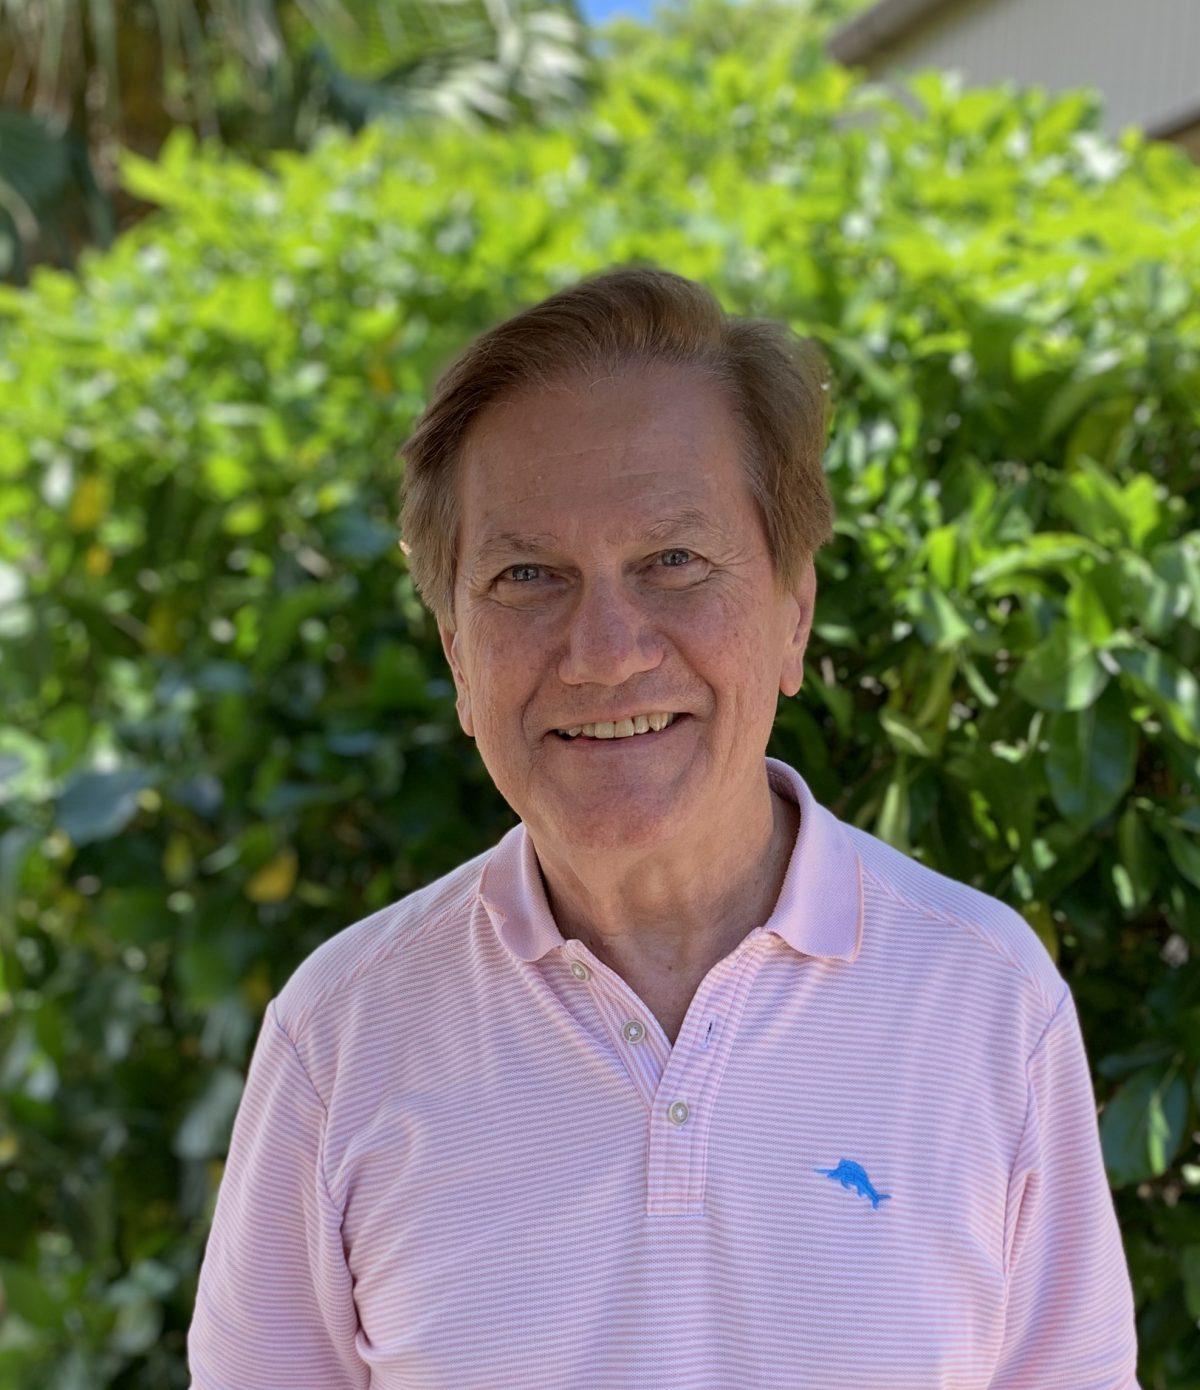 Ray Miner